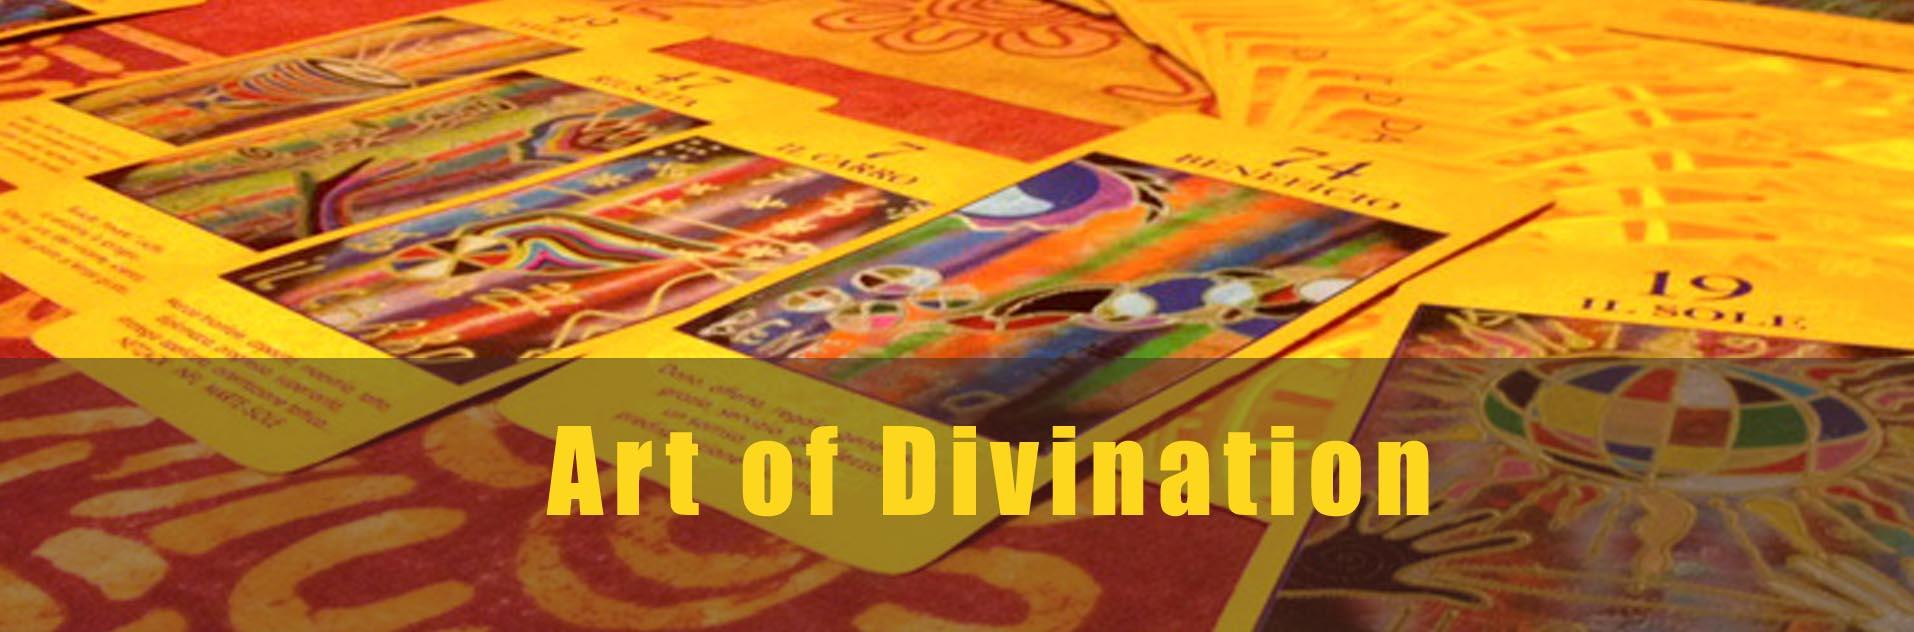 Damanhur Art of Divination Course